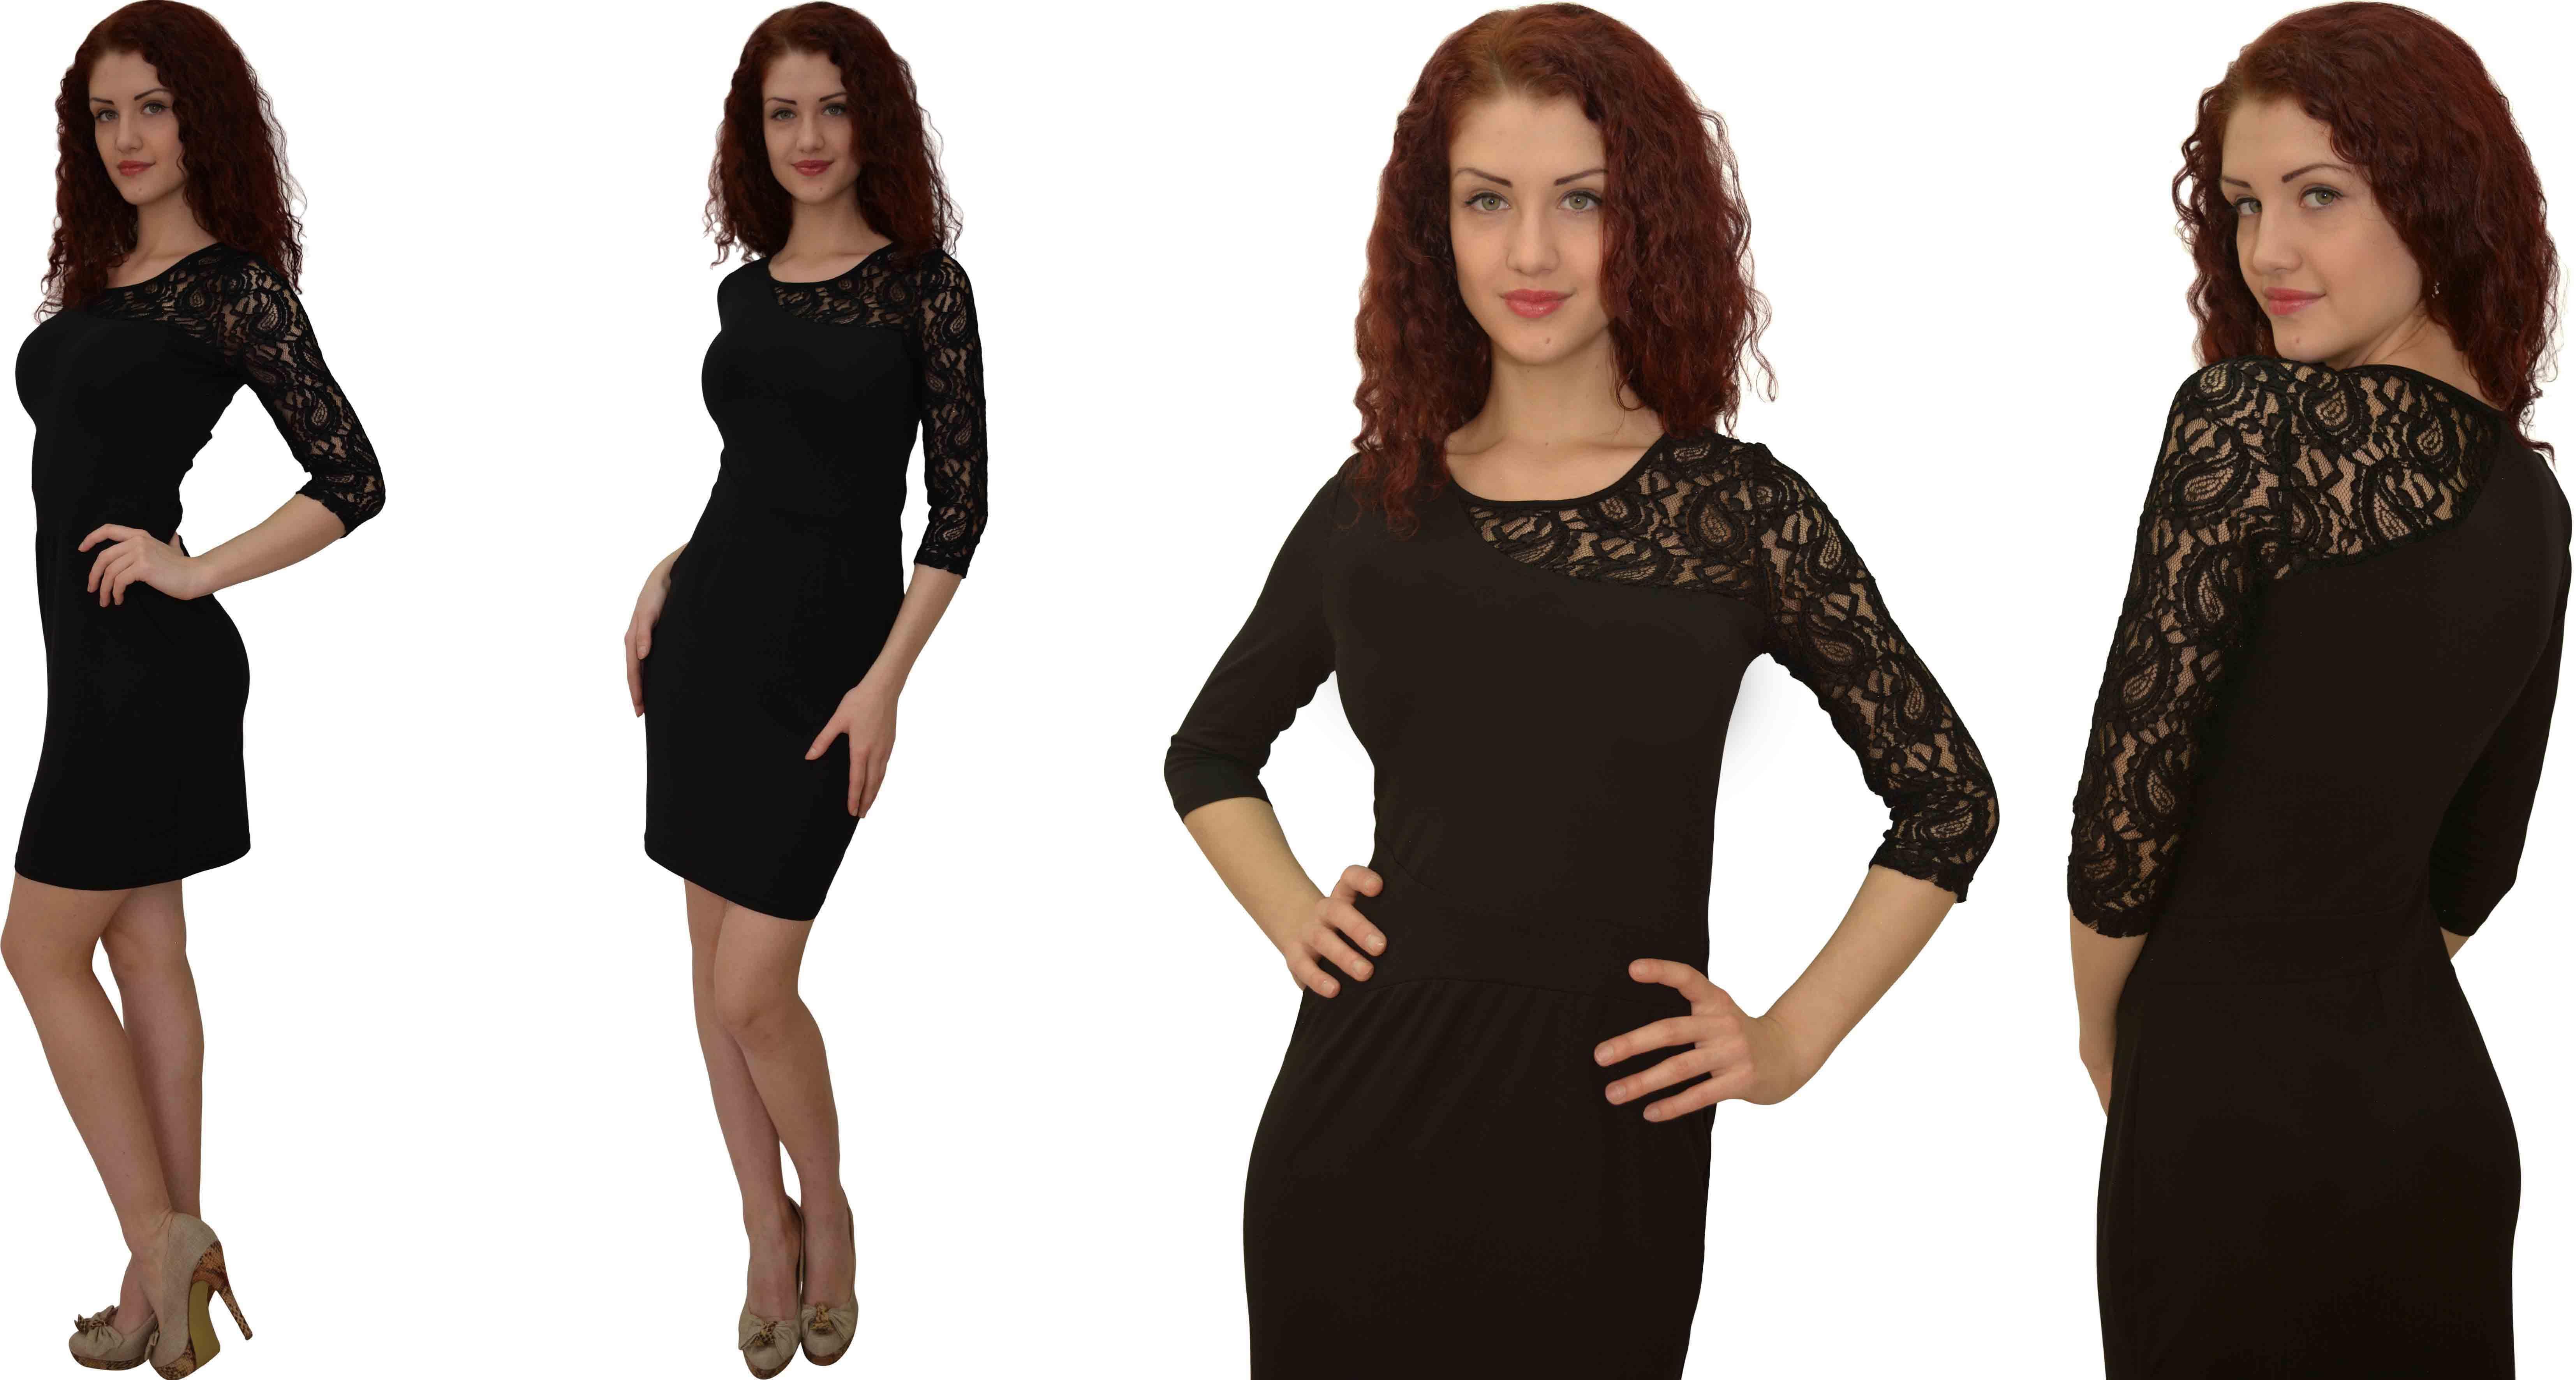 По вашим просьбам. Женская одежда Серебряная ладья. Теперь модели от 160 руб! Распродажа лета и новые модели зима. Доступность, качество, ассортимент 6